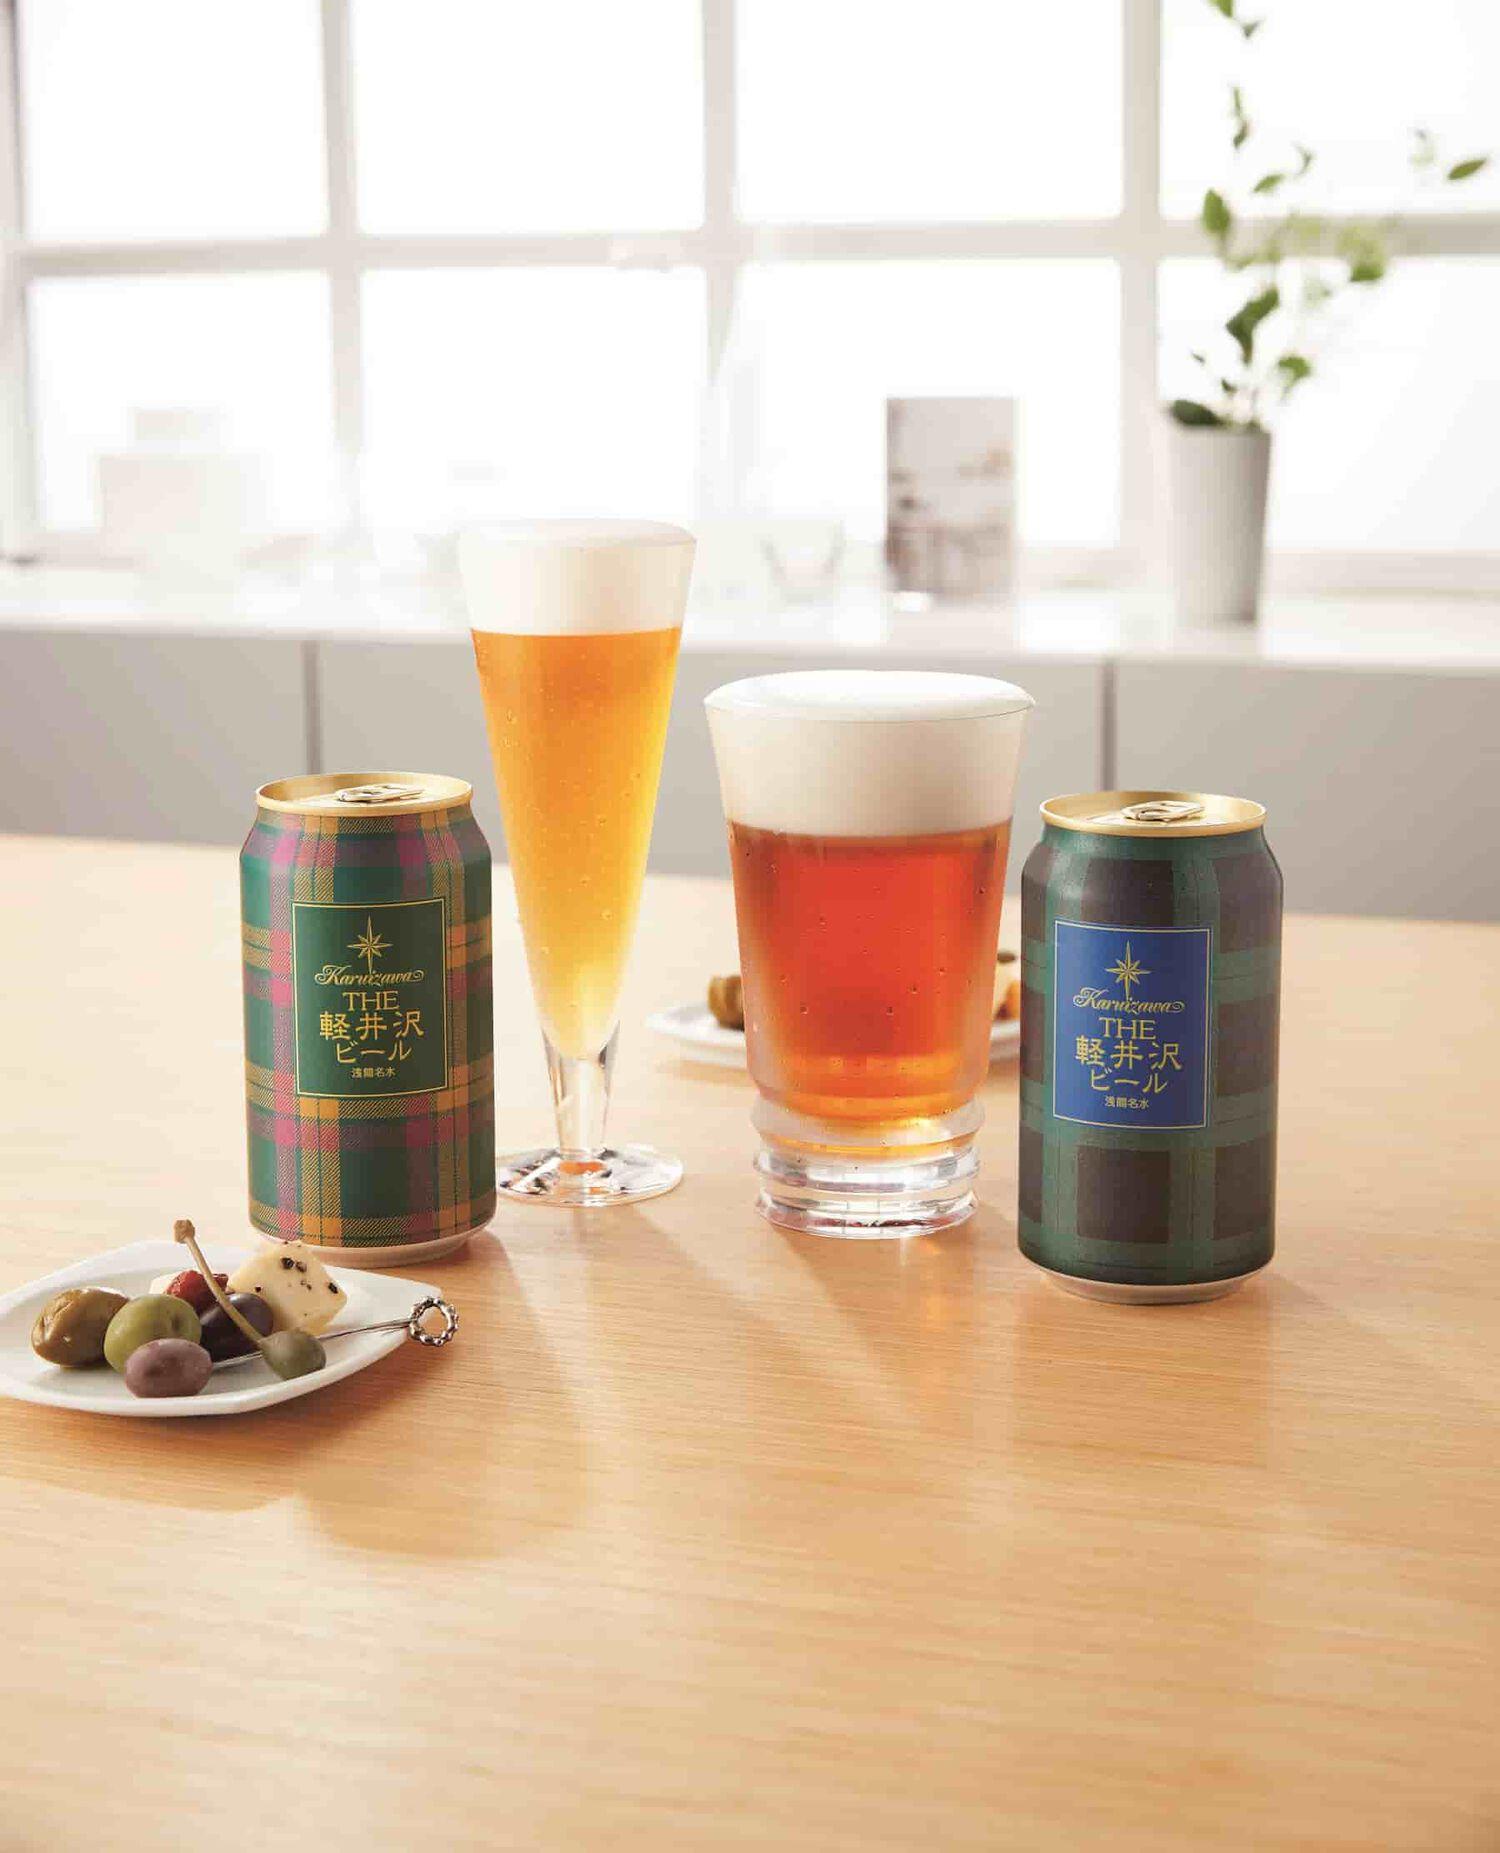 〈軽井沢ブルワリー〉ダブルテイスト タータンビール GJX